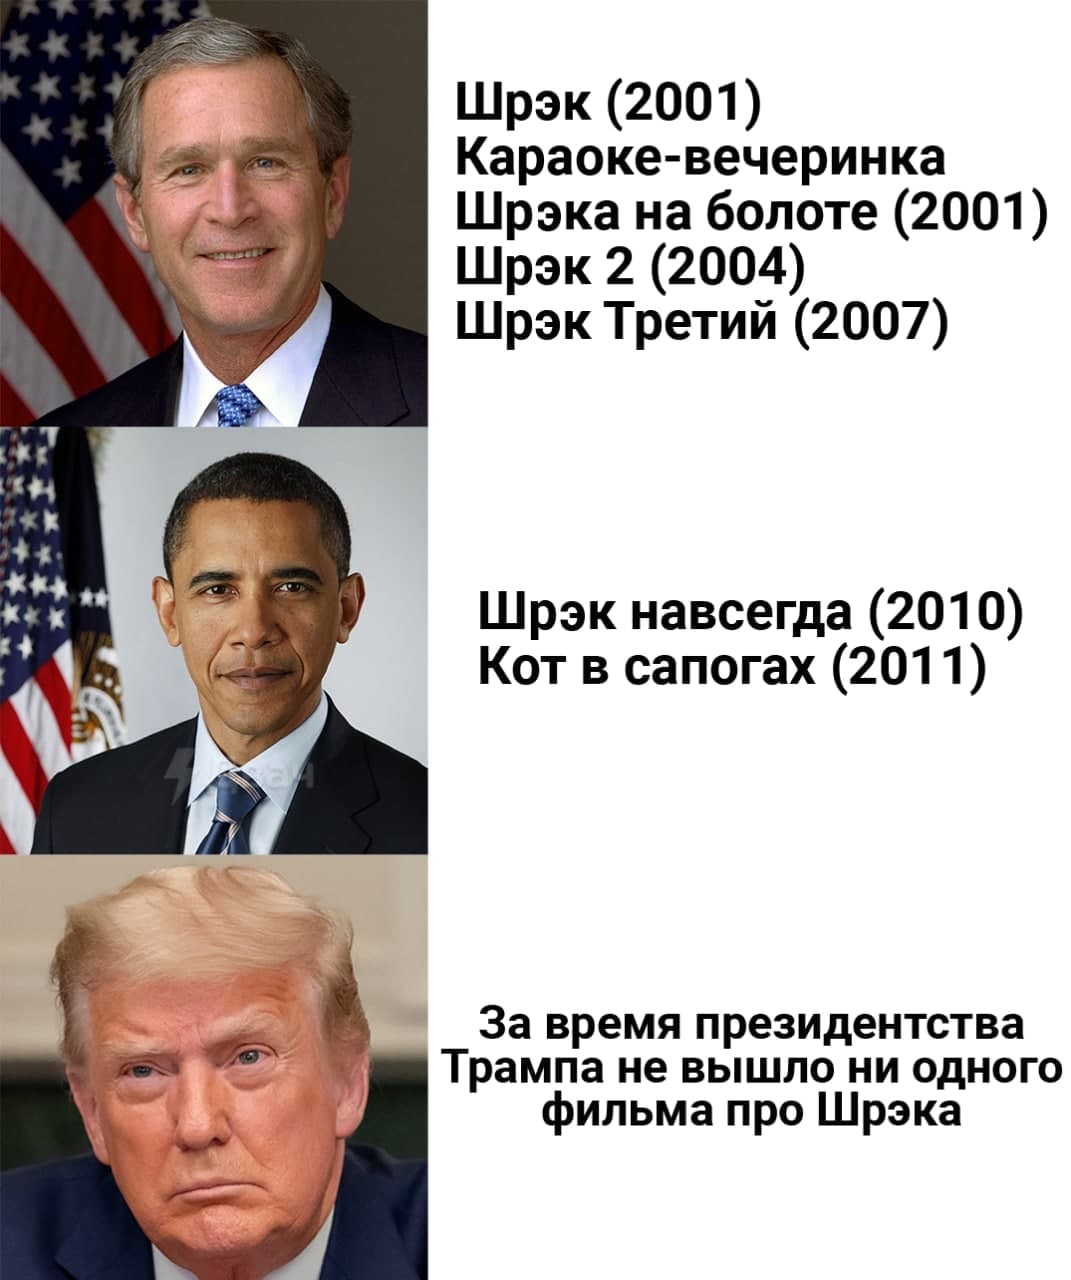 президент караоке трамп фильм